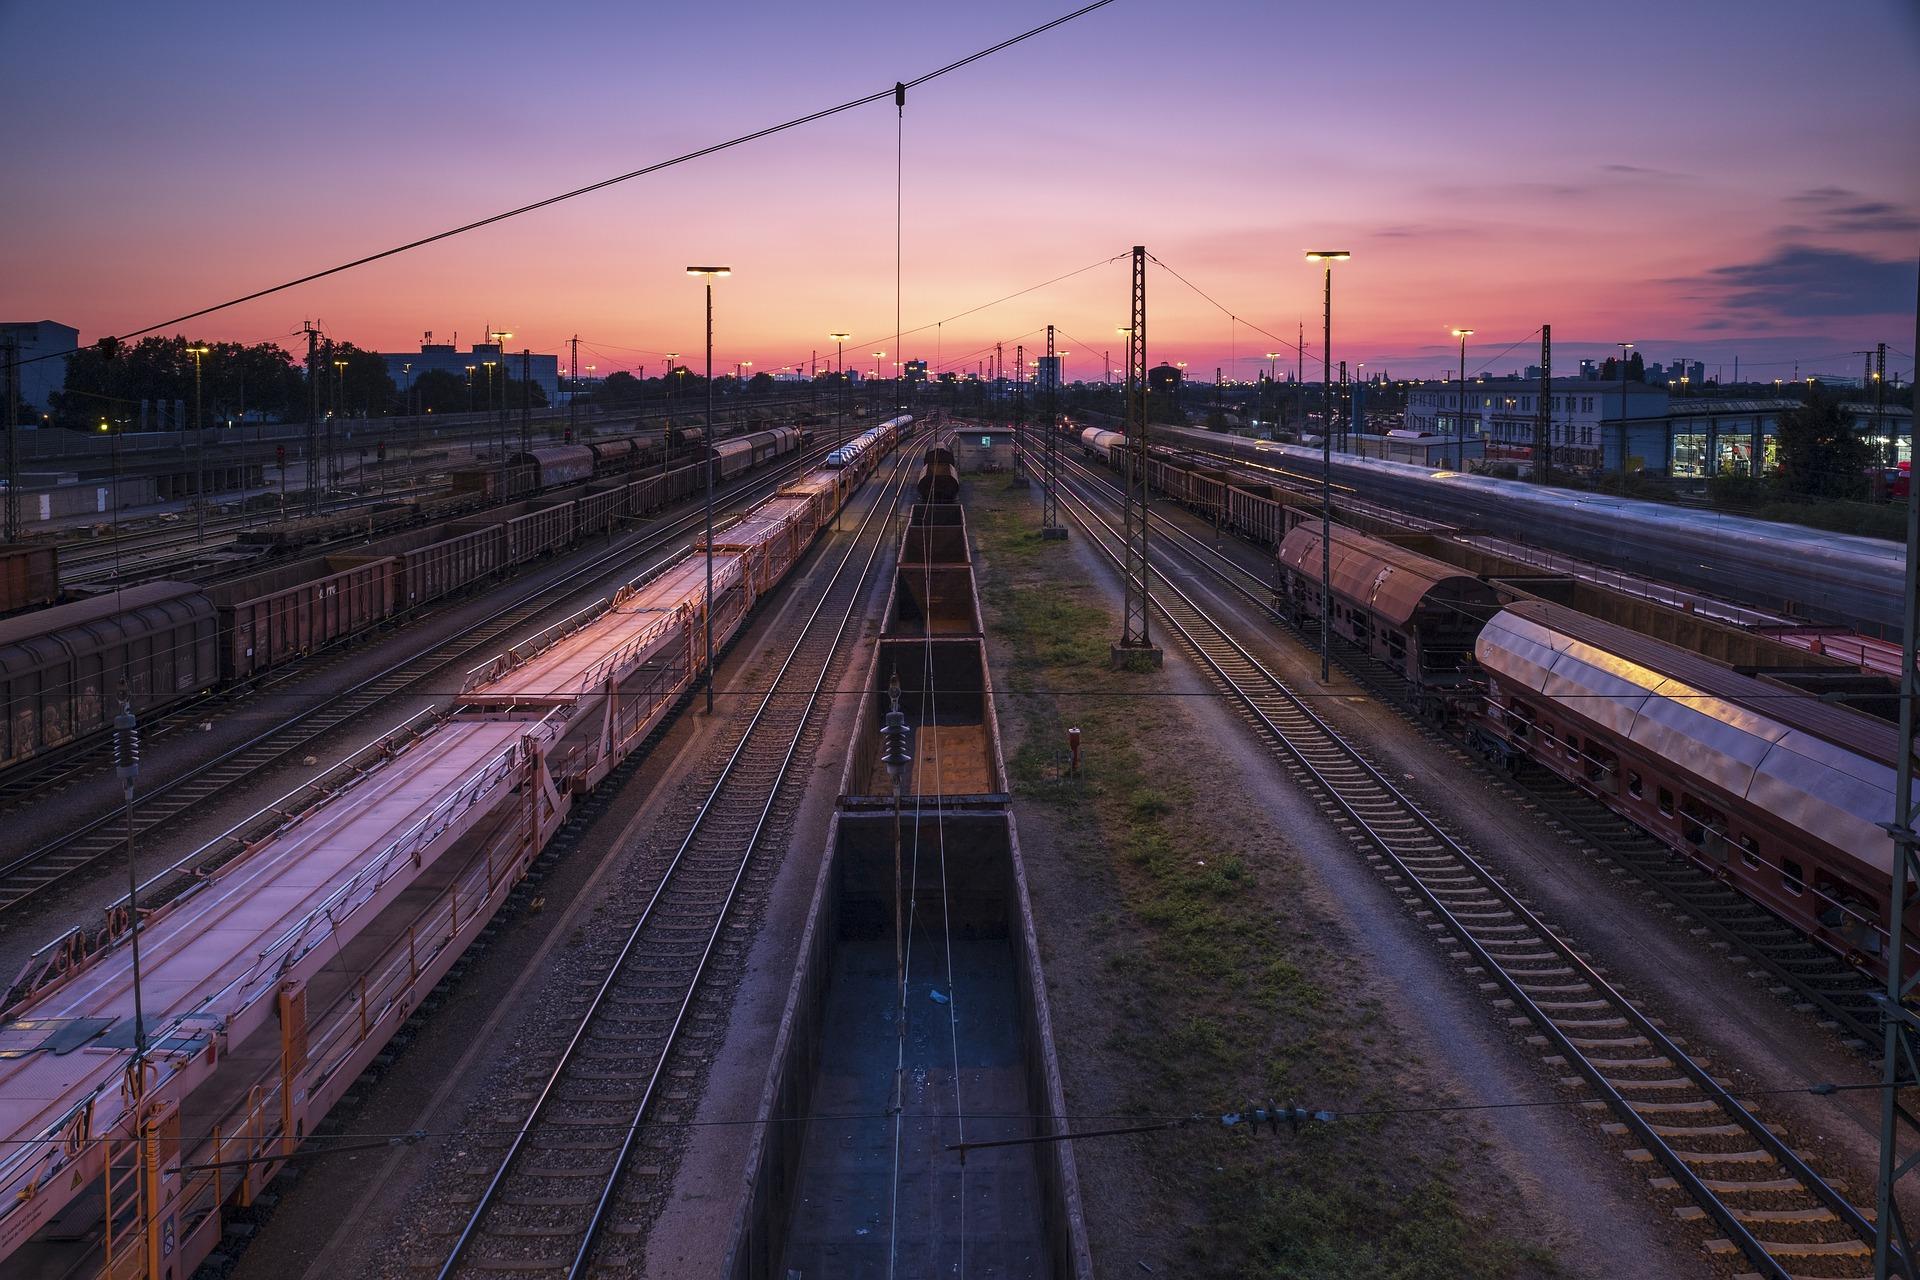 ЄБА: У порядку списання вантажних вагонів залишаються неврегульованими декілька суттєвих питань